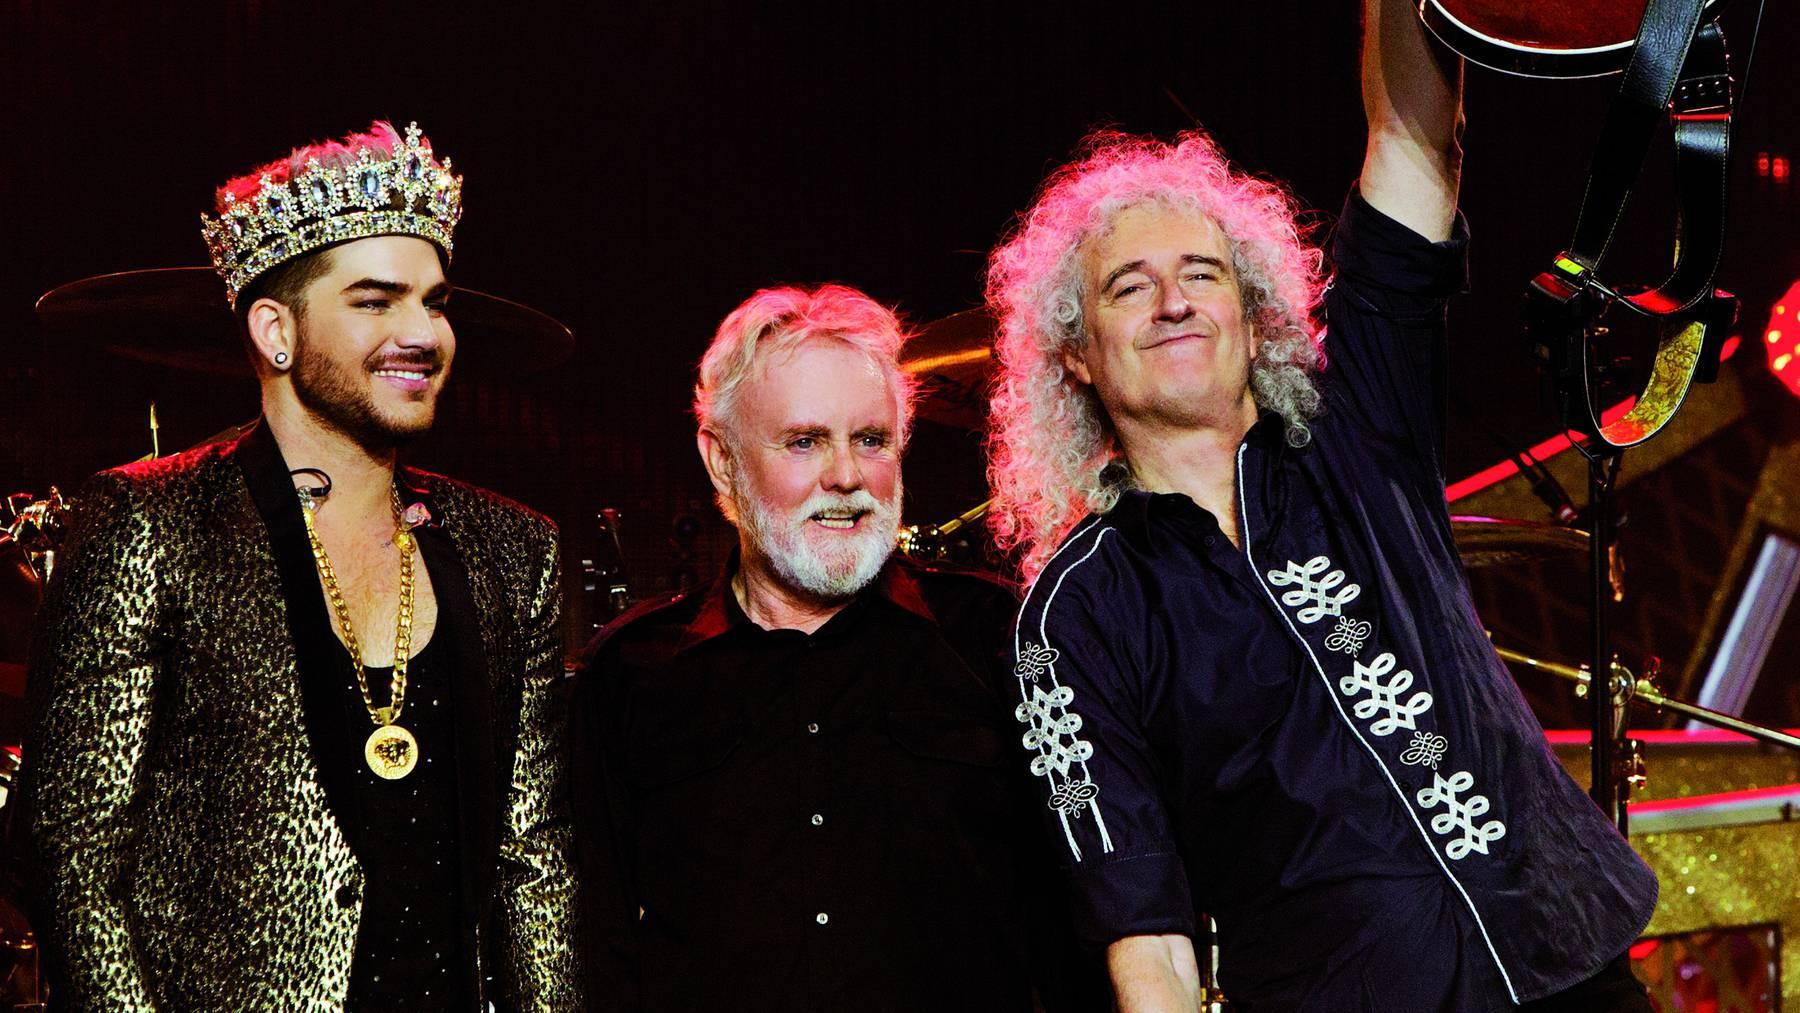 Queen + Adam Lambert Press Shot - Photograph by Xavier Vila - Copyright Miracle Productions LLP